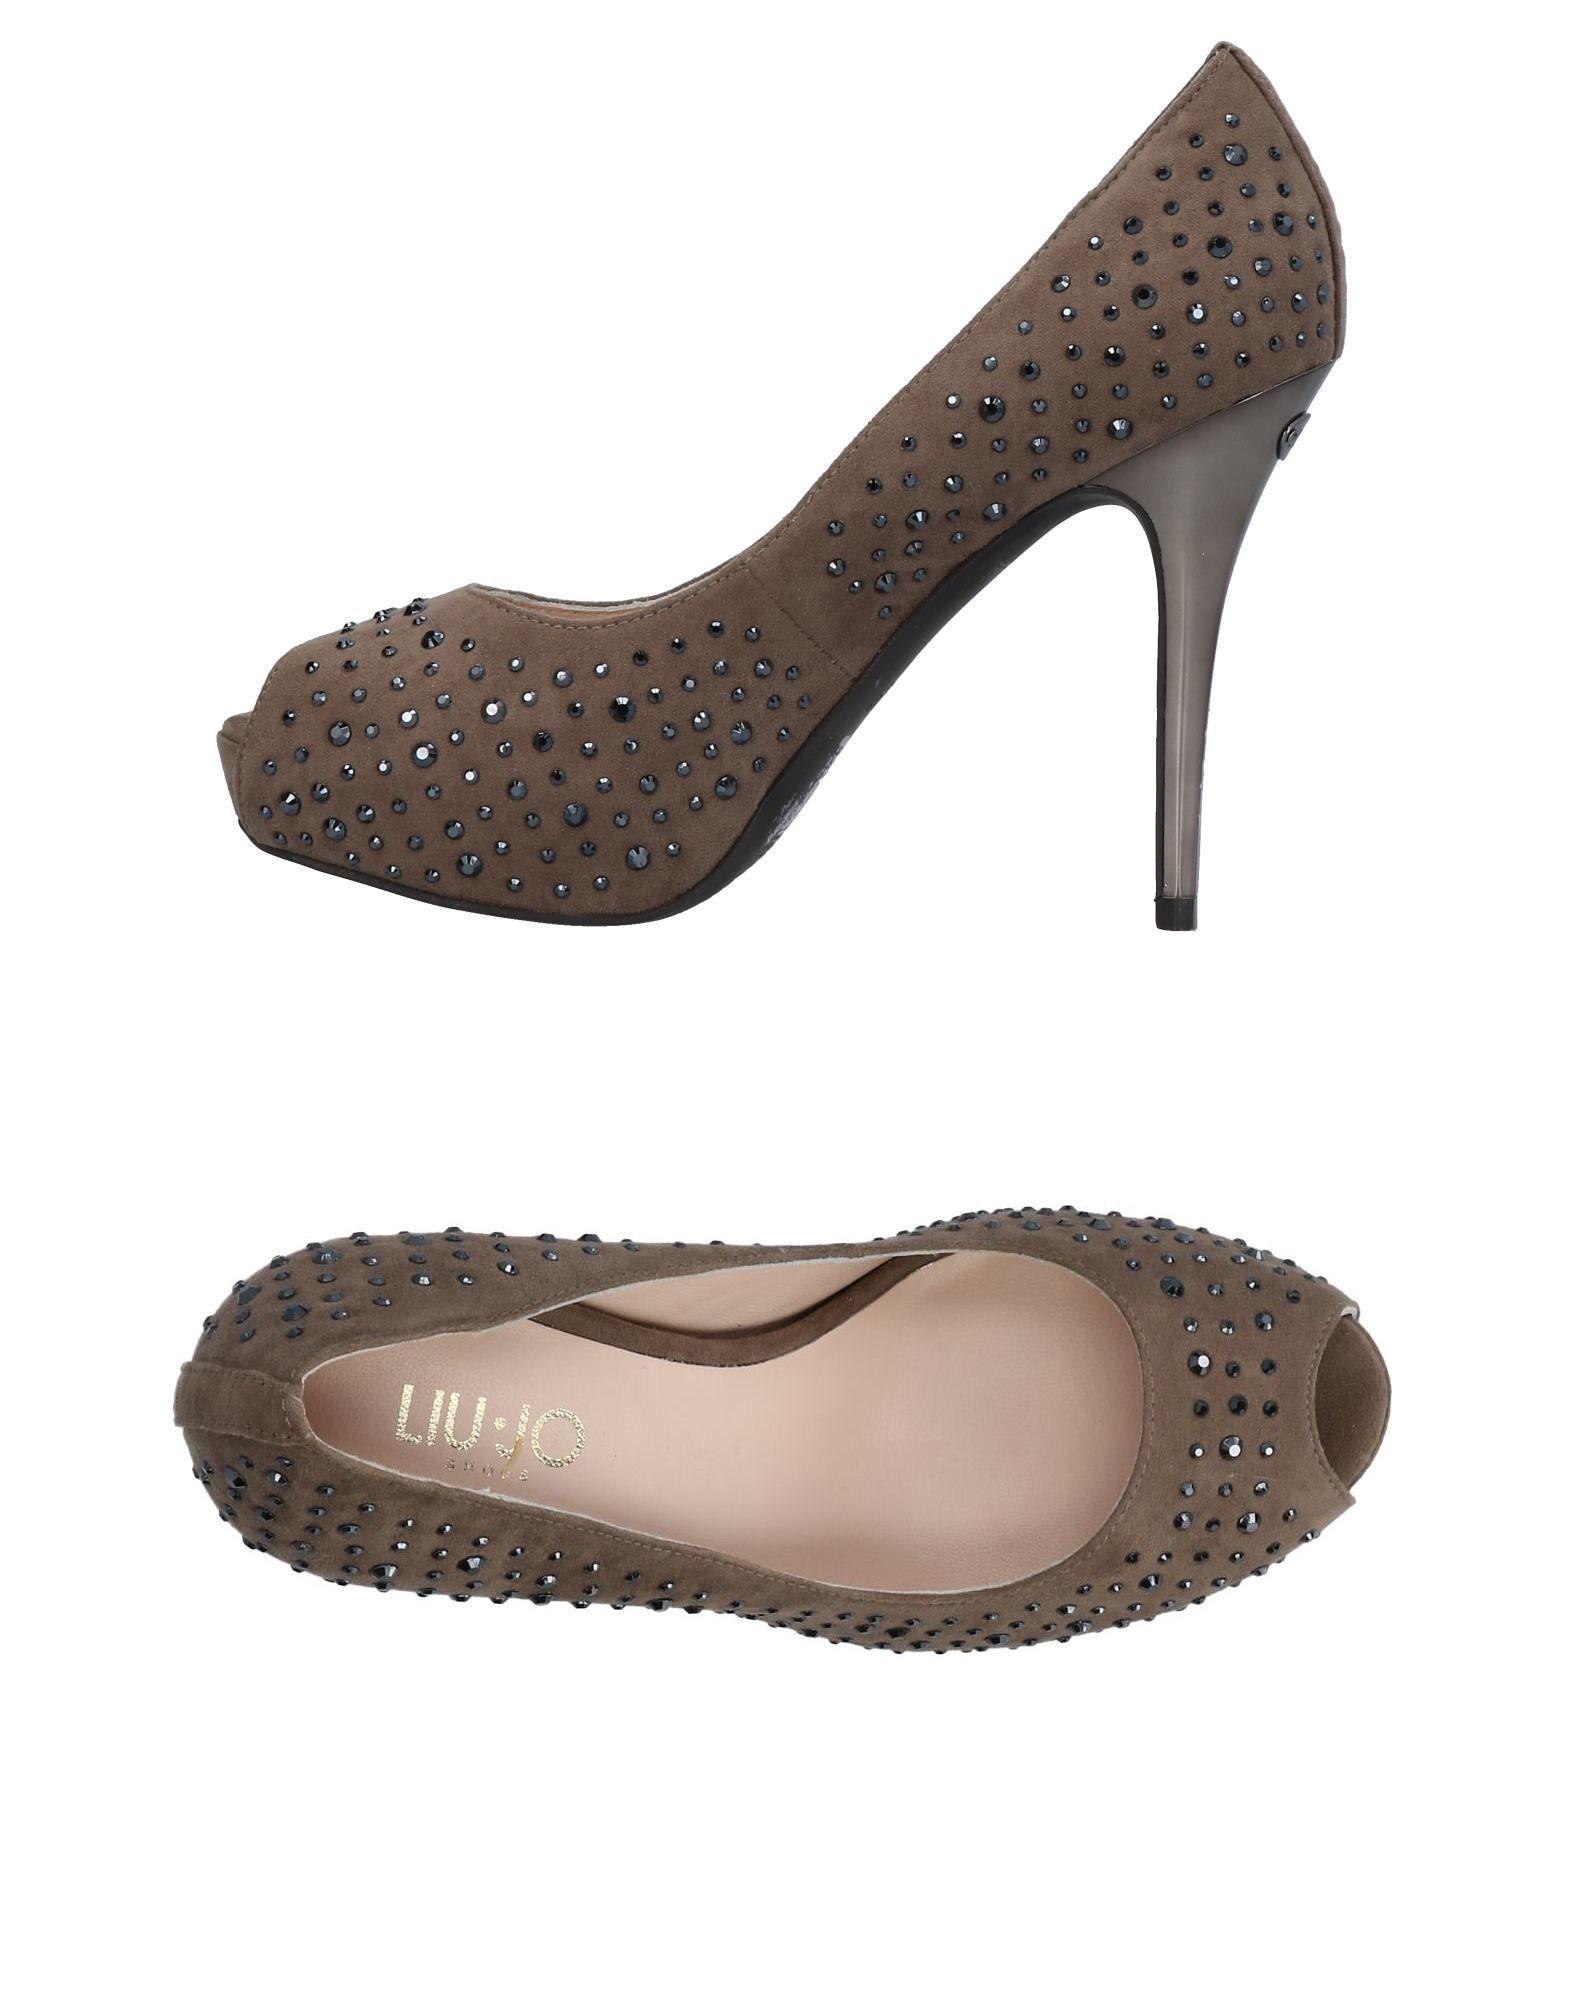 Liu •Jo Gute Shoes Pumps Damen  11229719GJ Gute •Jo Qualität beliebte Schuhe 3a3a12